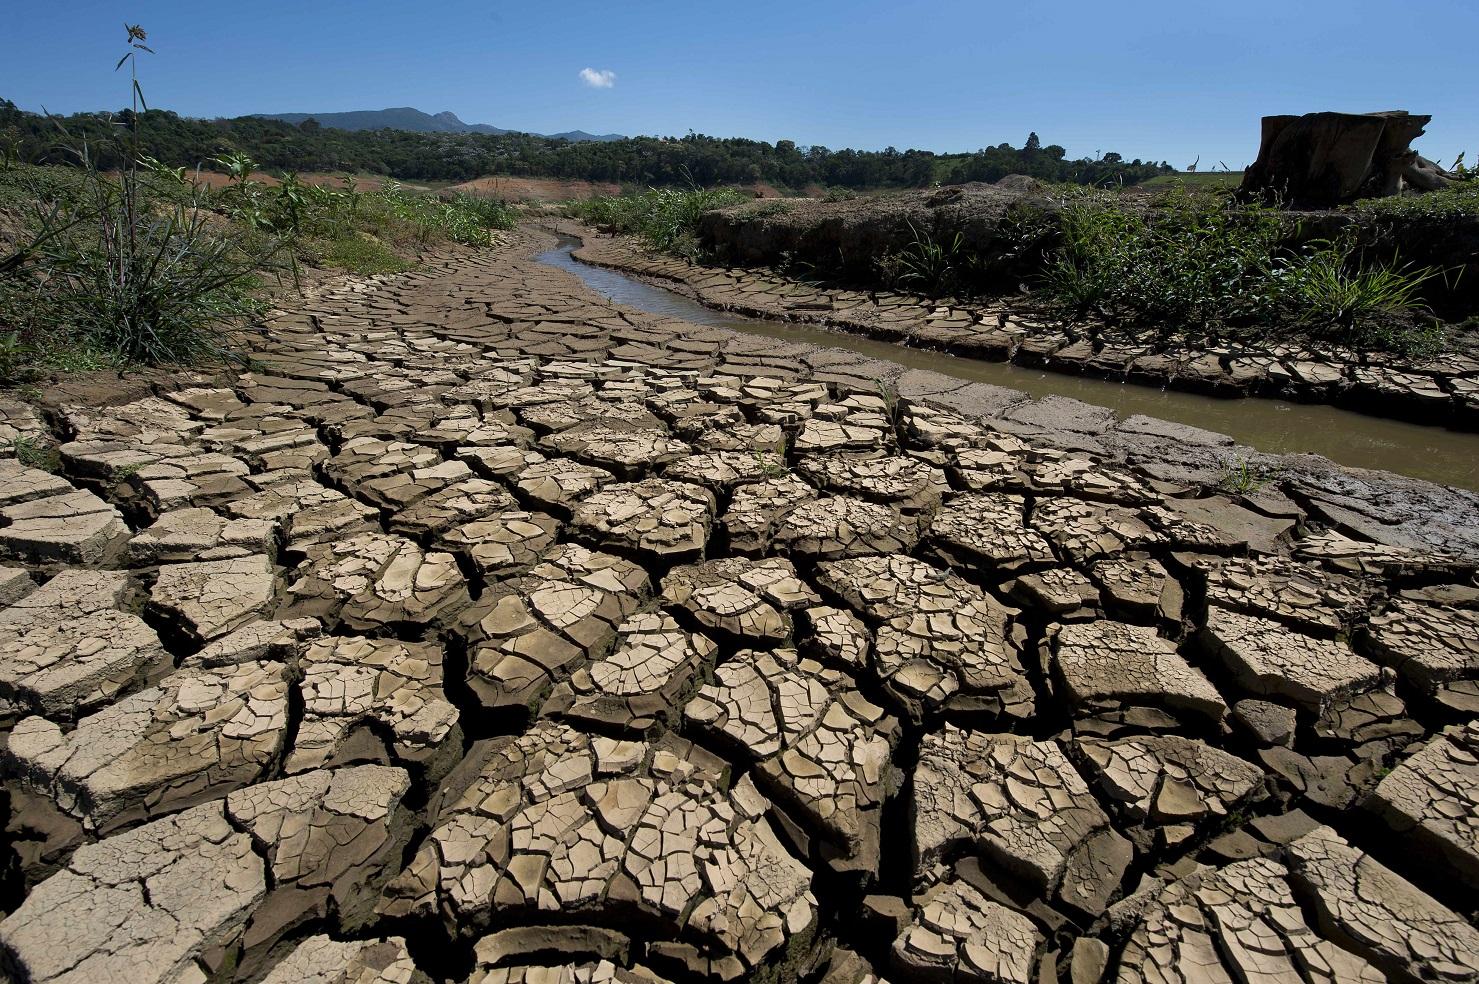 Solo rachado pela seca às margens do Rio Jacareí, em São Paulo. Foto Nelson Almeida/AFP